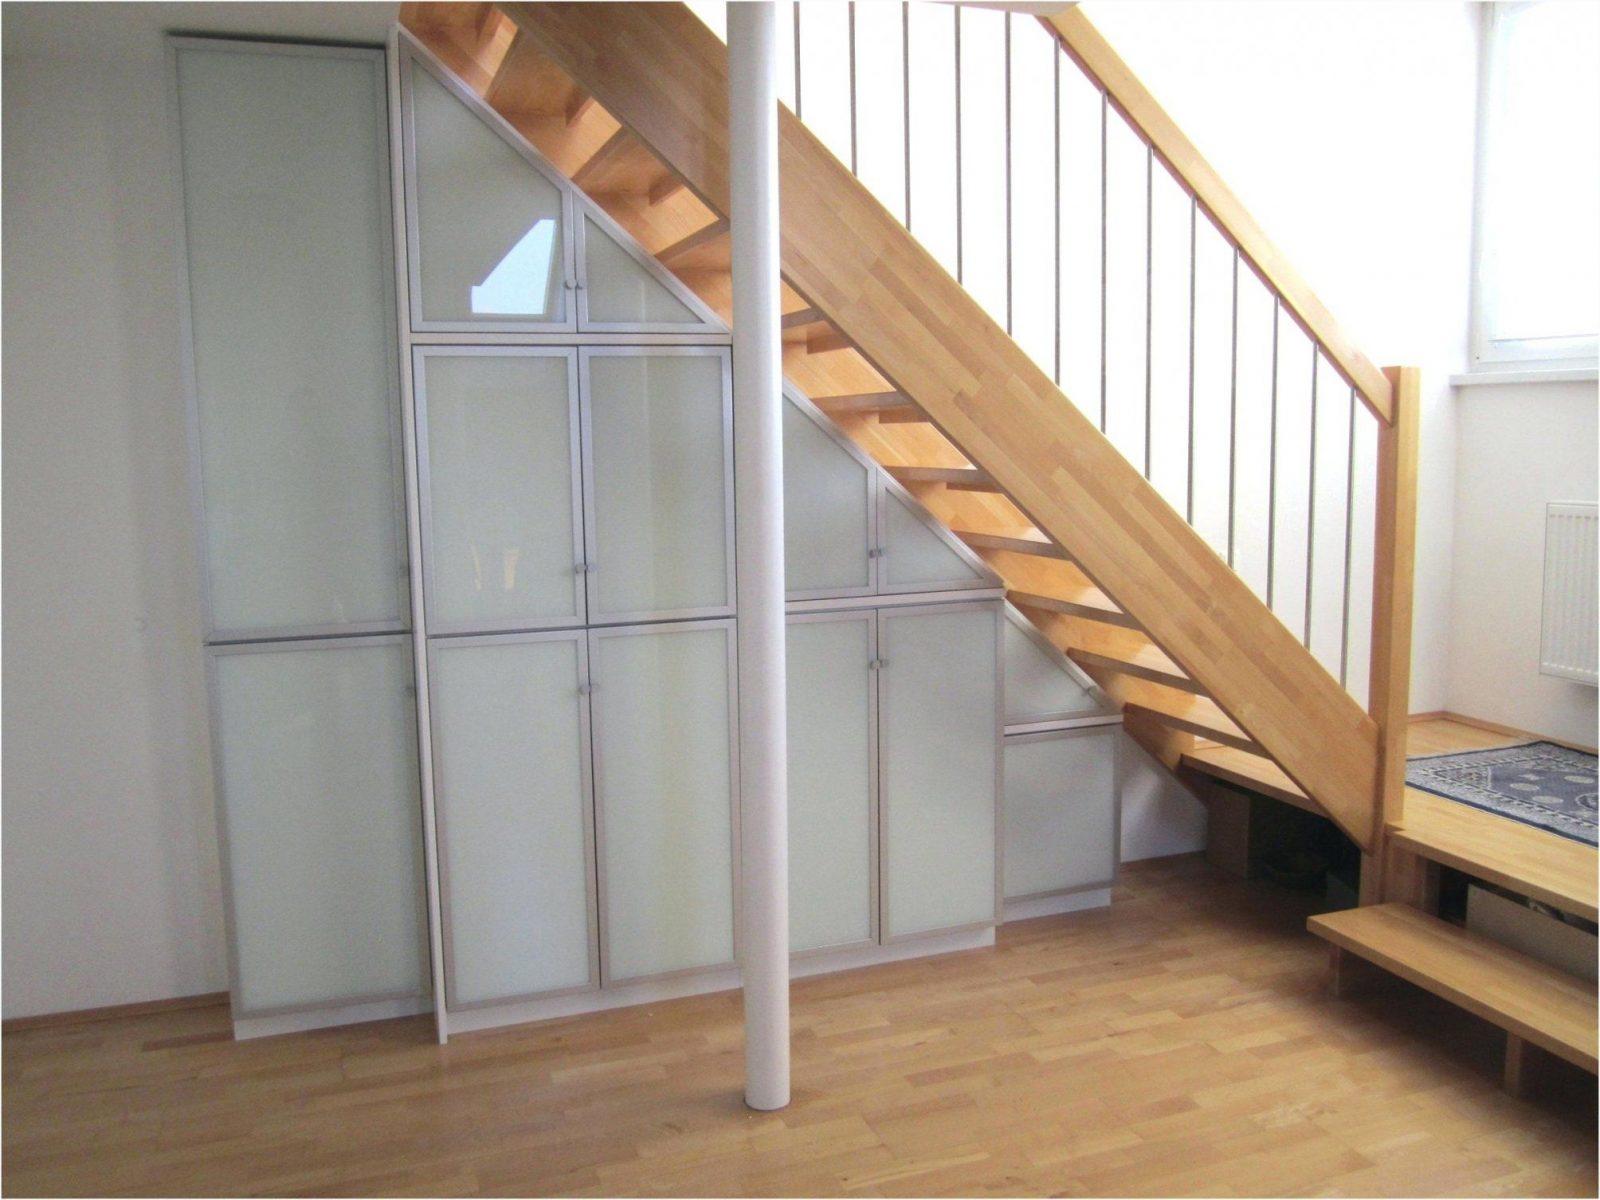 Bauanleitung Hochbett Erstaunlich Kreativ Treppe Selber Bauen von Hochbett Treppe Selber Bauen Photo